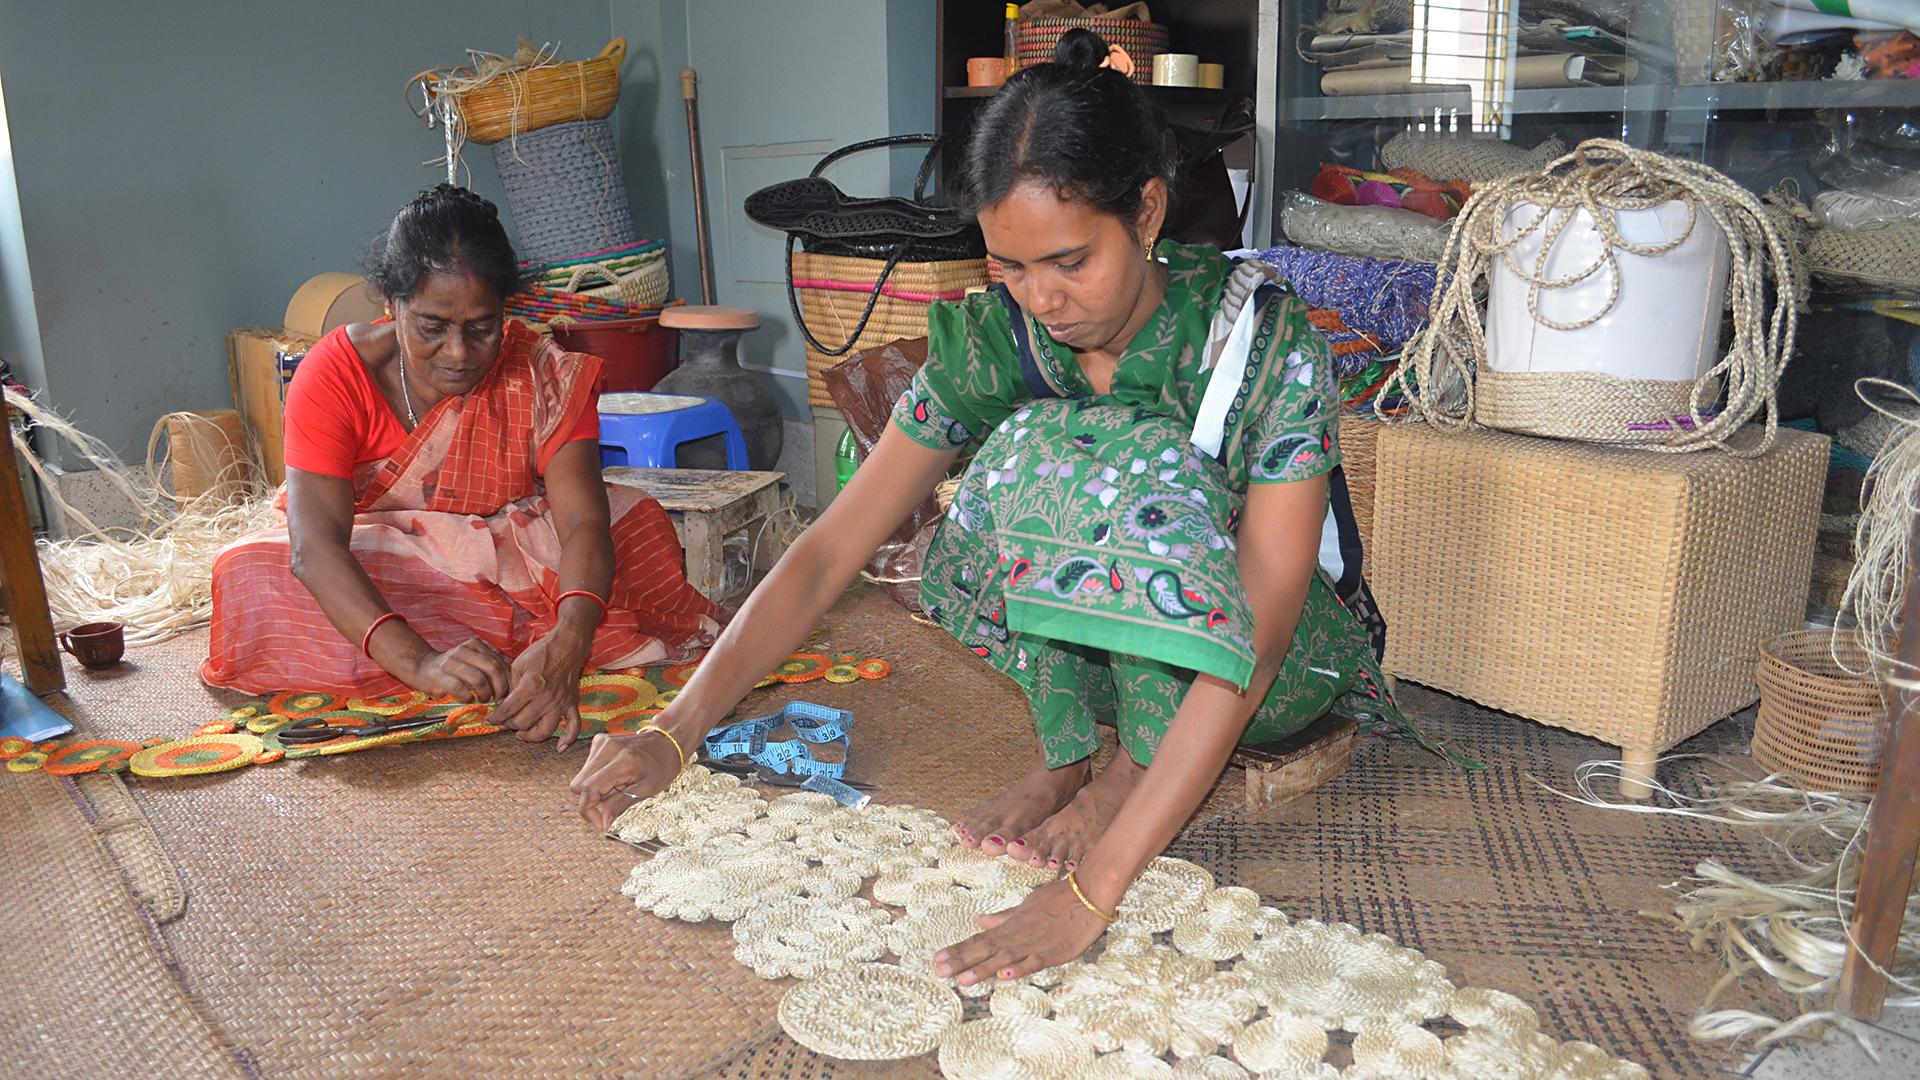 Langfristige Handelsbeziehungen sind für unsere Handwerkspartner besonders wichtig: Mit CORR -The Jute Works aus Bangladesch arbeiten wir schon seit 1978 zusammen. Angefangen hat es mit der kultigen Jutetasche – heute beziehen wir unsere handgefertigten Teppiche und Körbe aus Jute von diesem Partner.